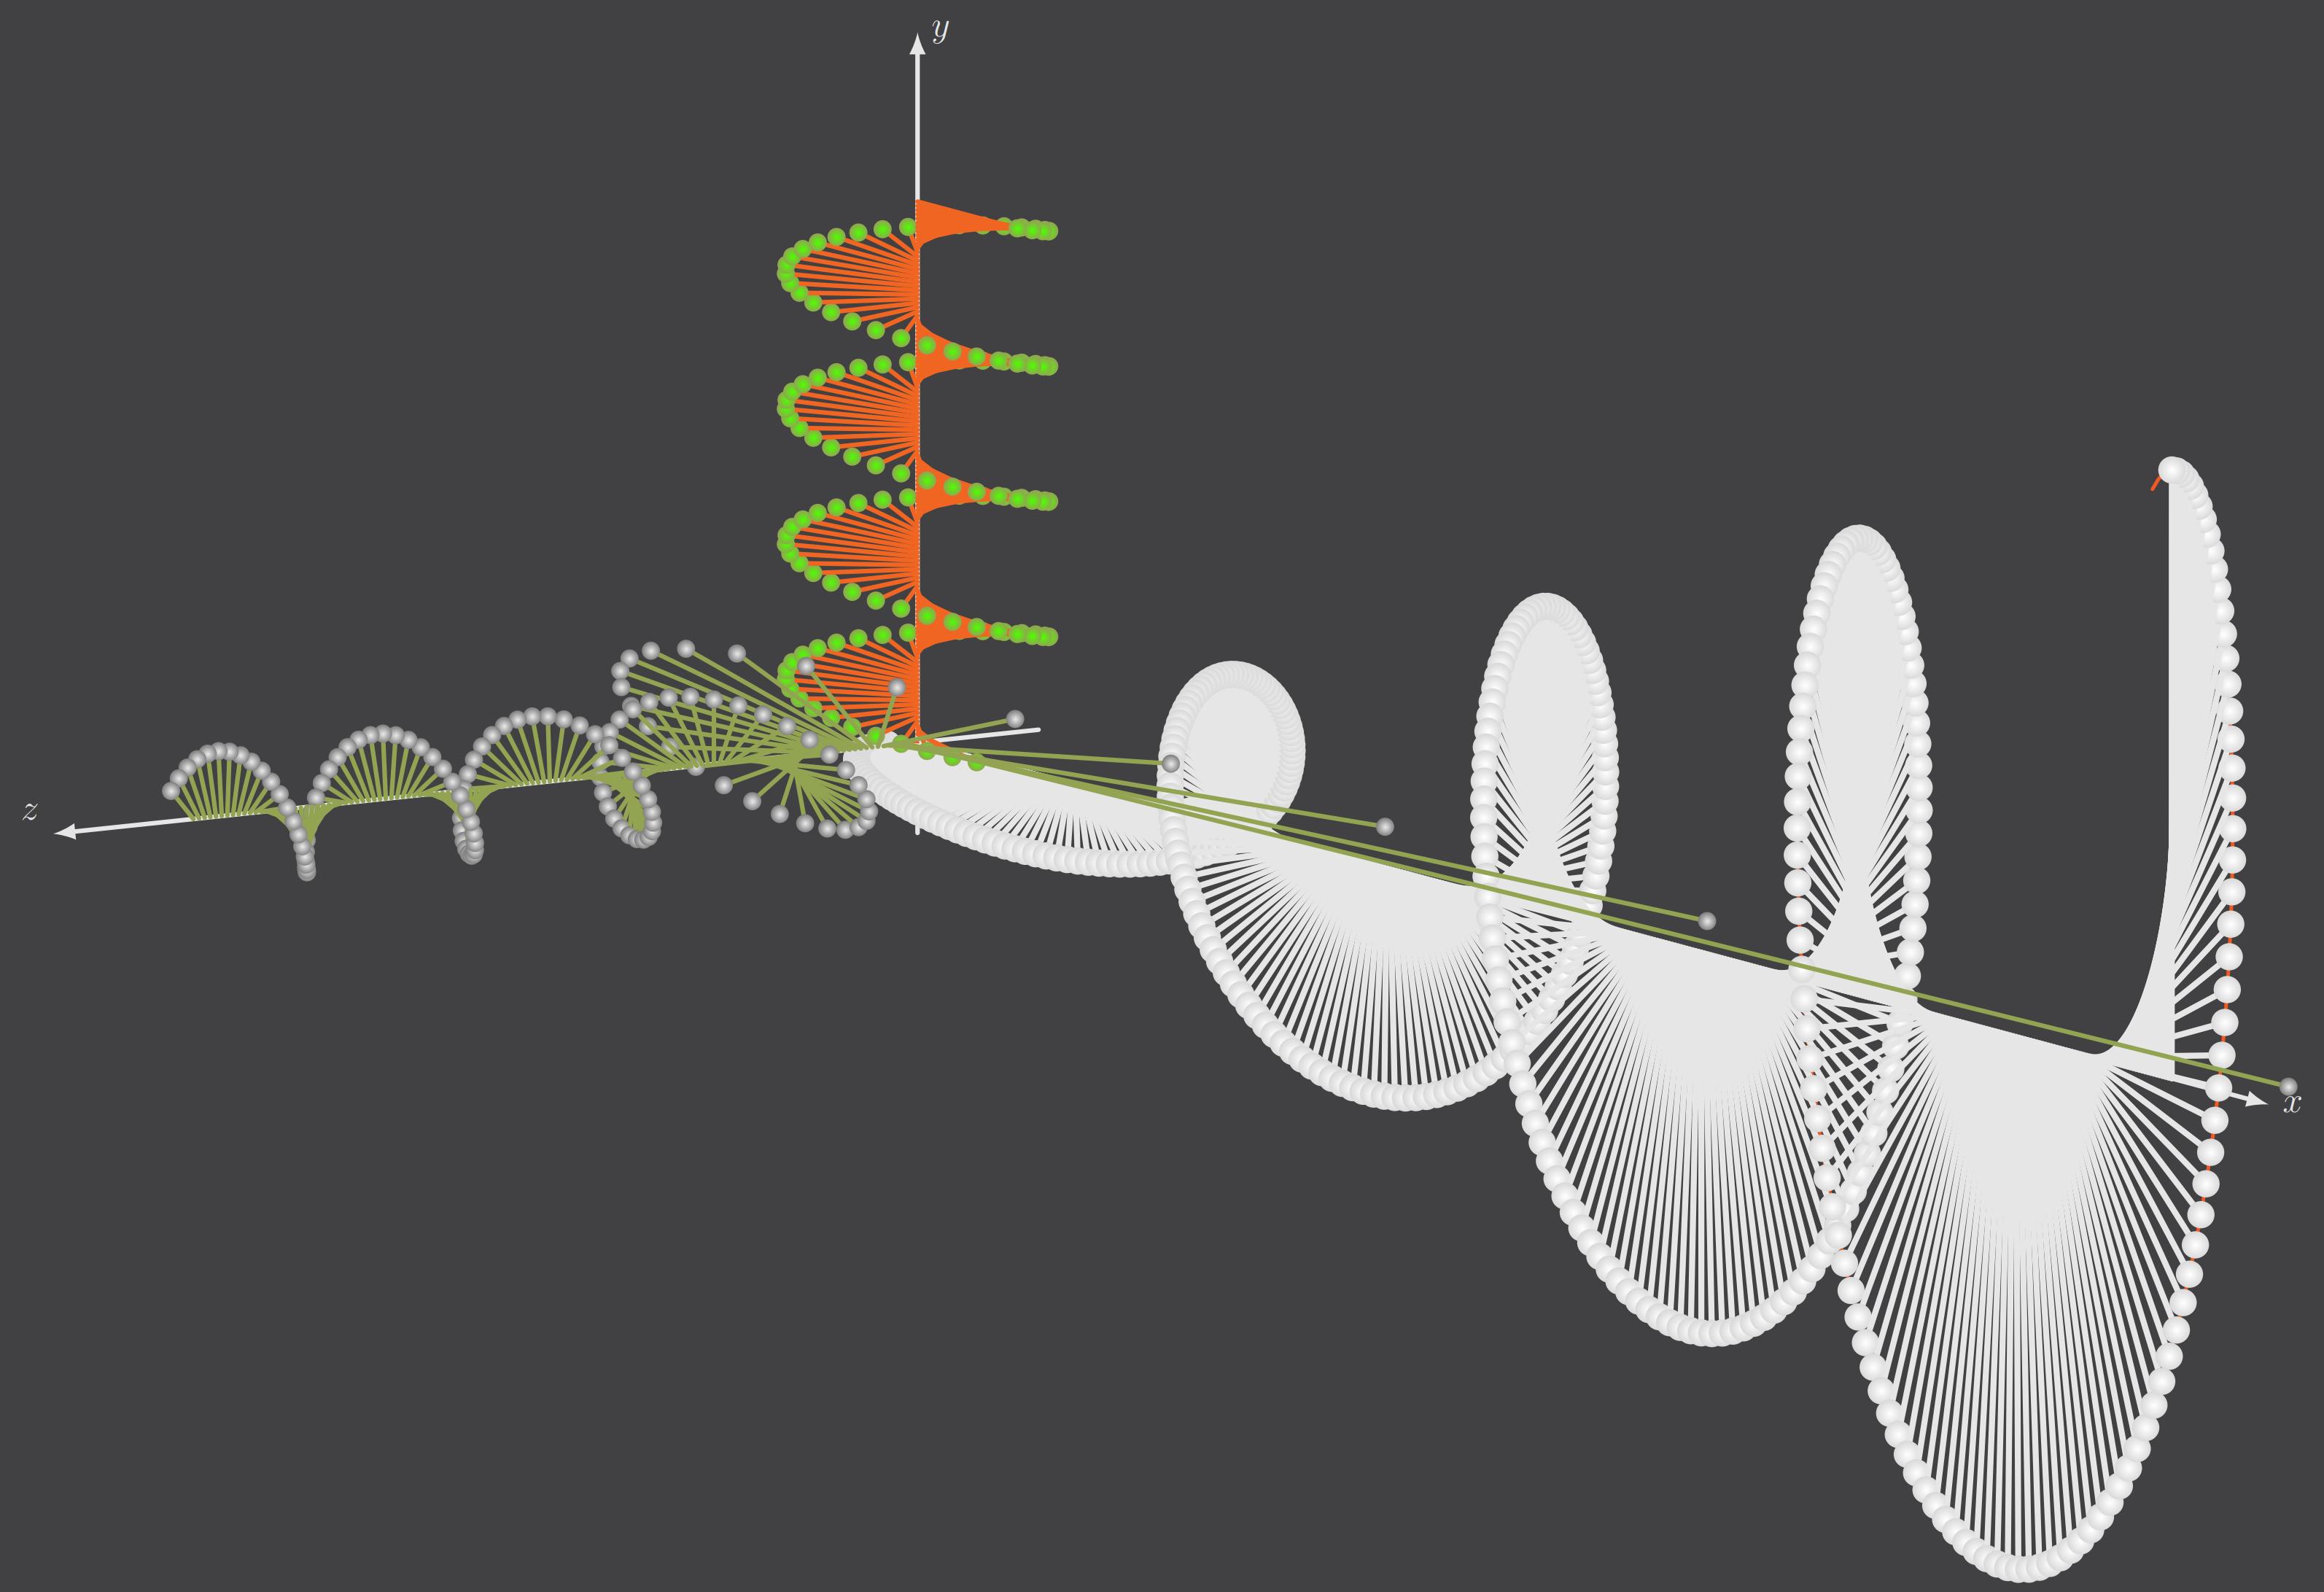 三维立体空间上波函数的tikz绘制